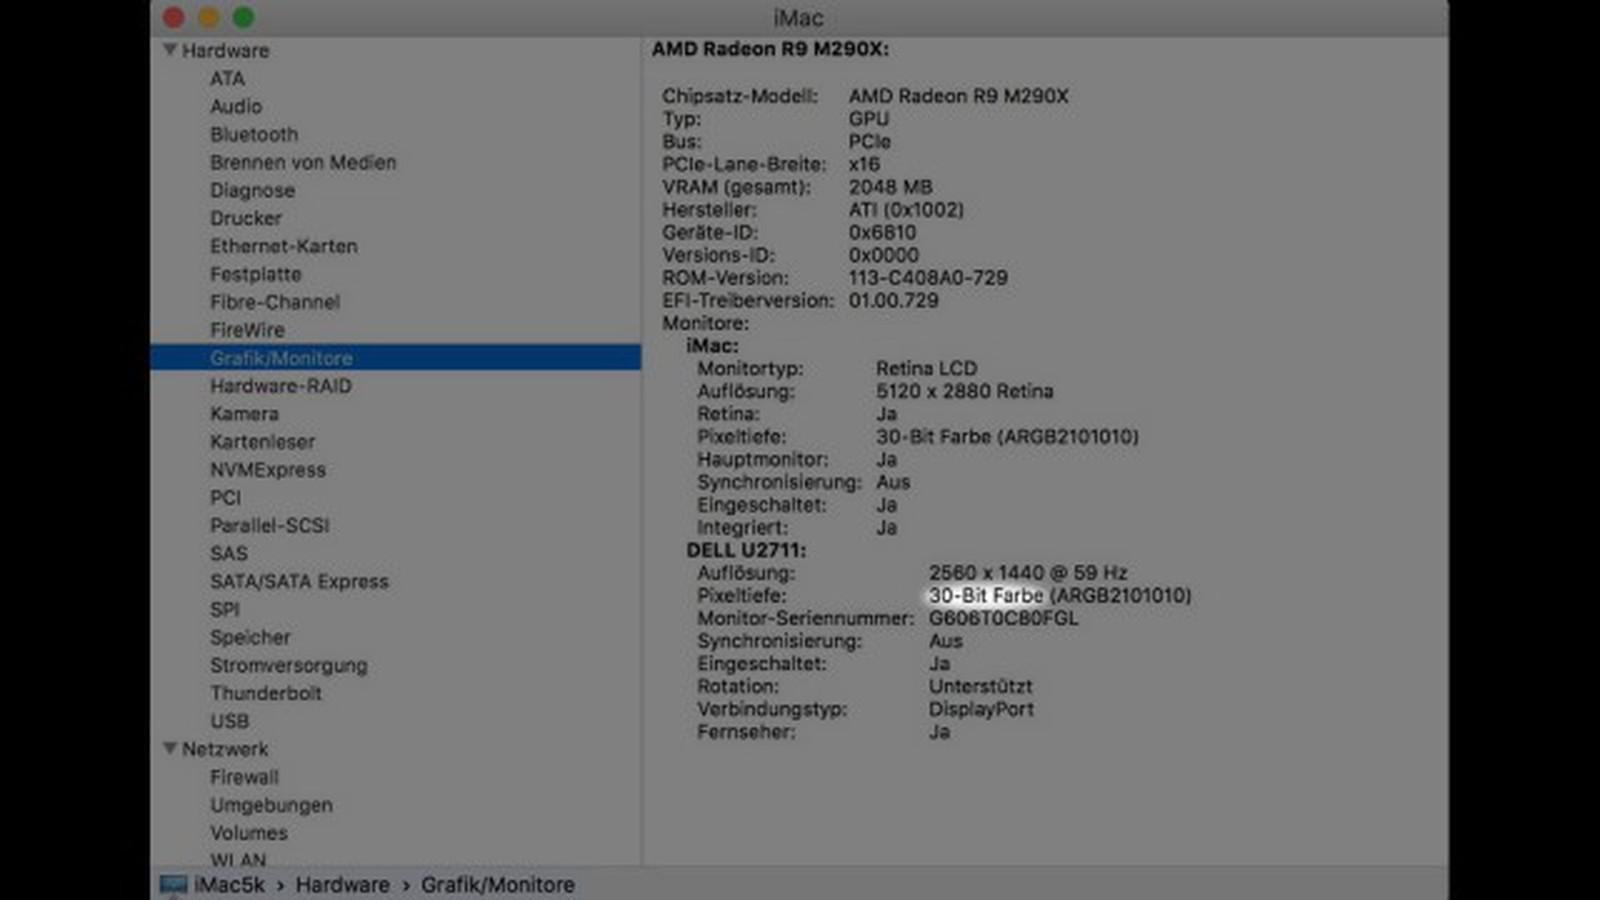 4K and 5K iMacs Support 10-Bit Color Depth on OS X El